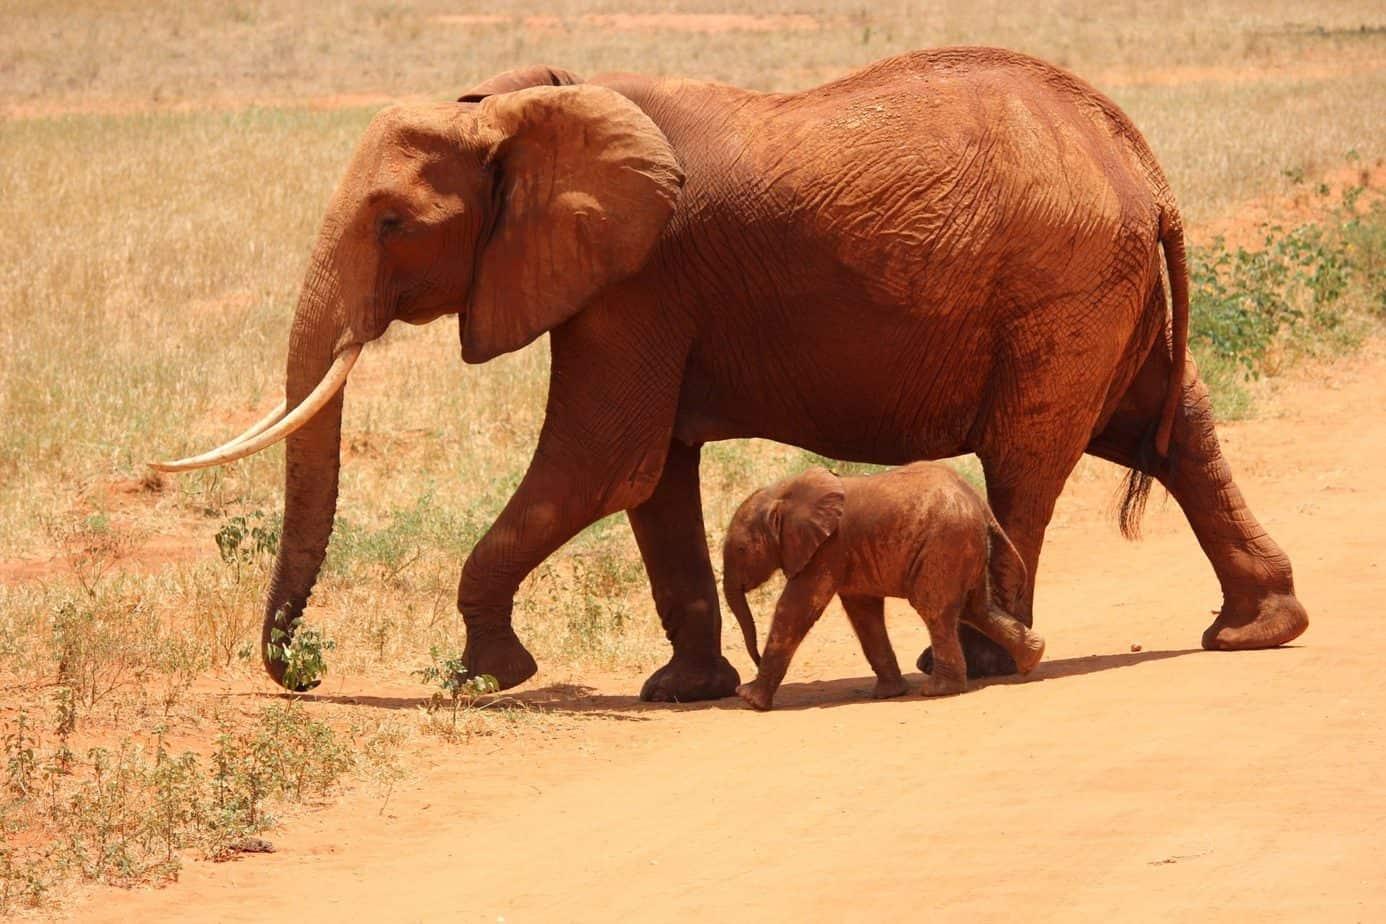 Elephans uganda safari